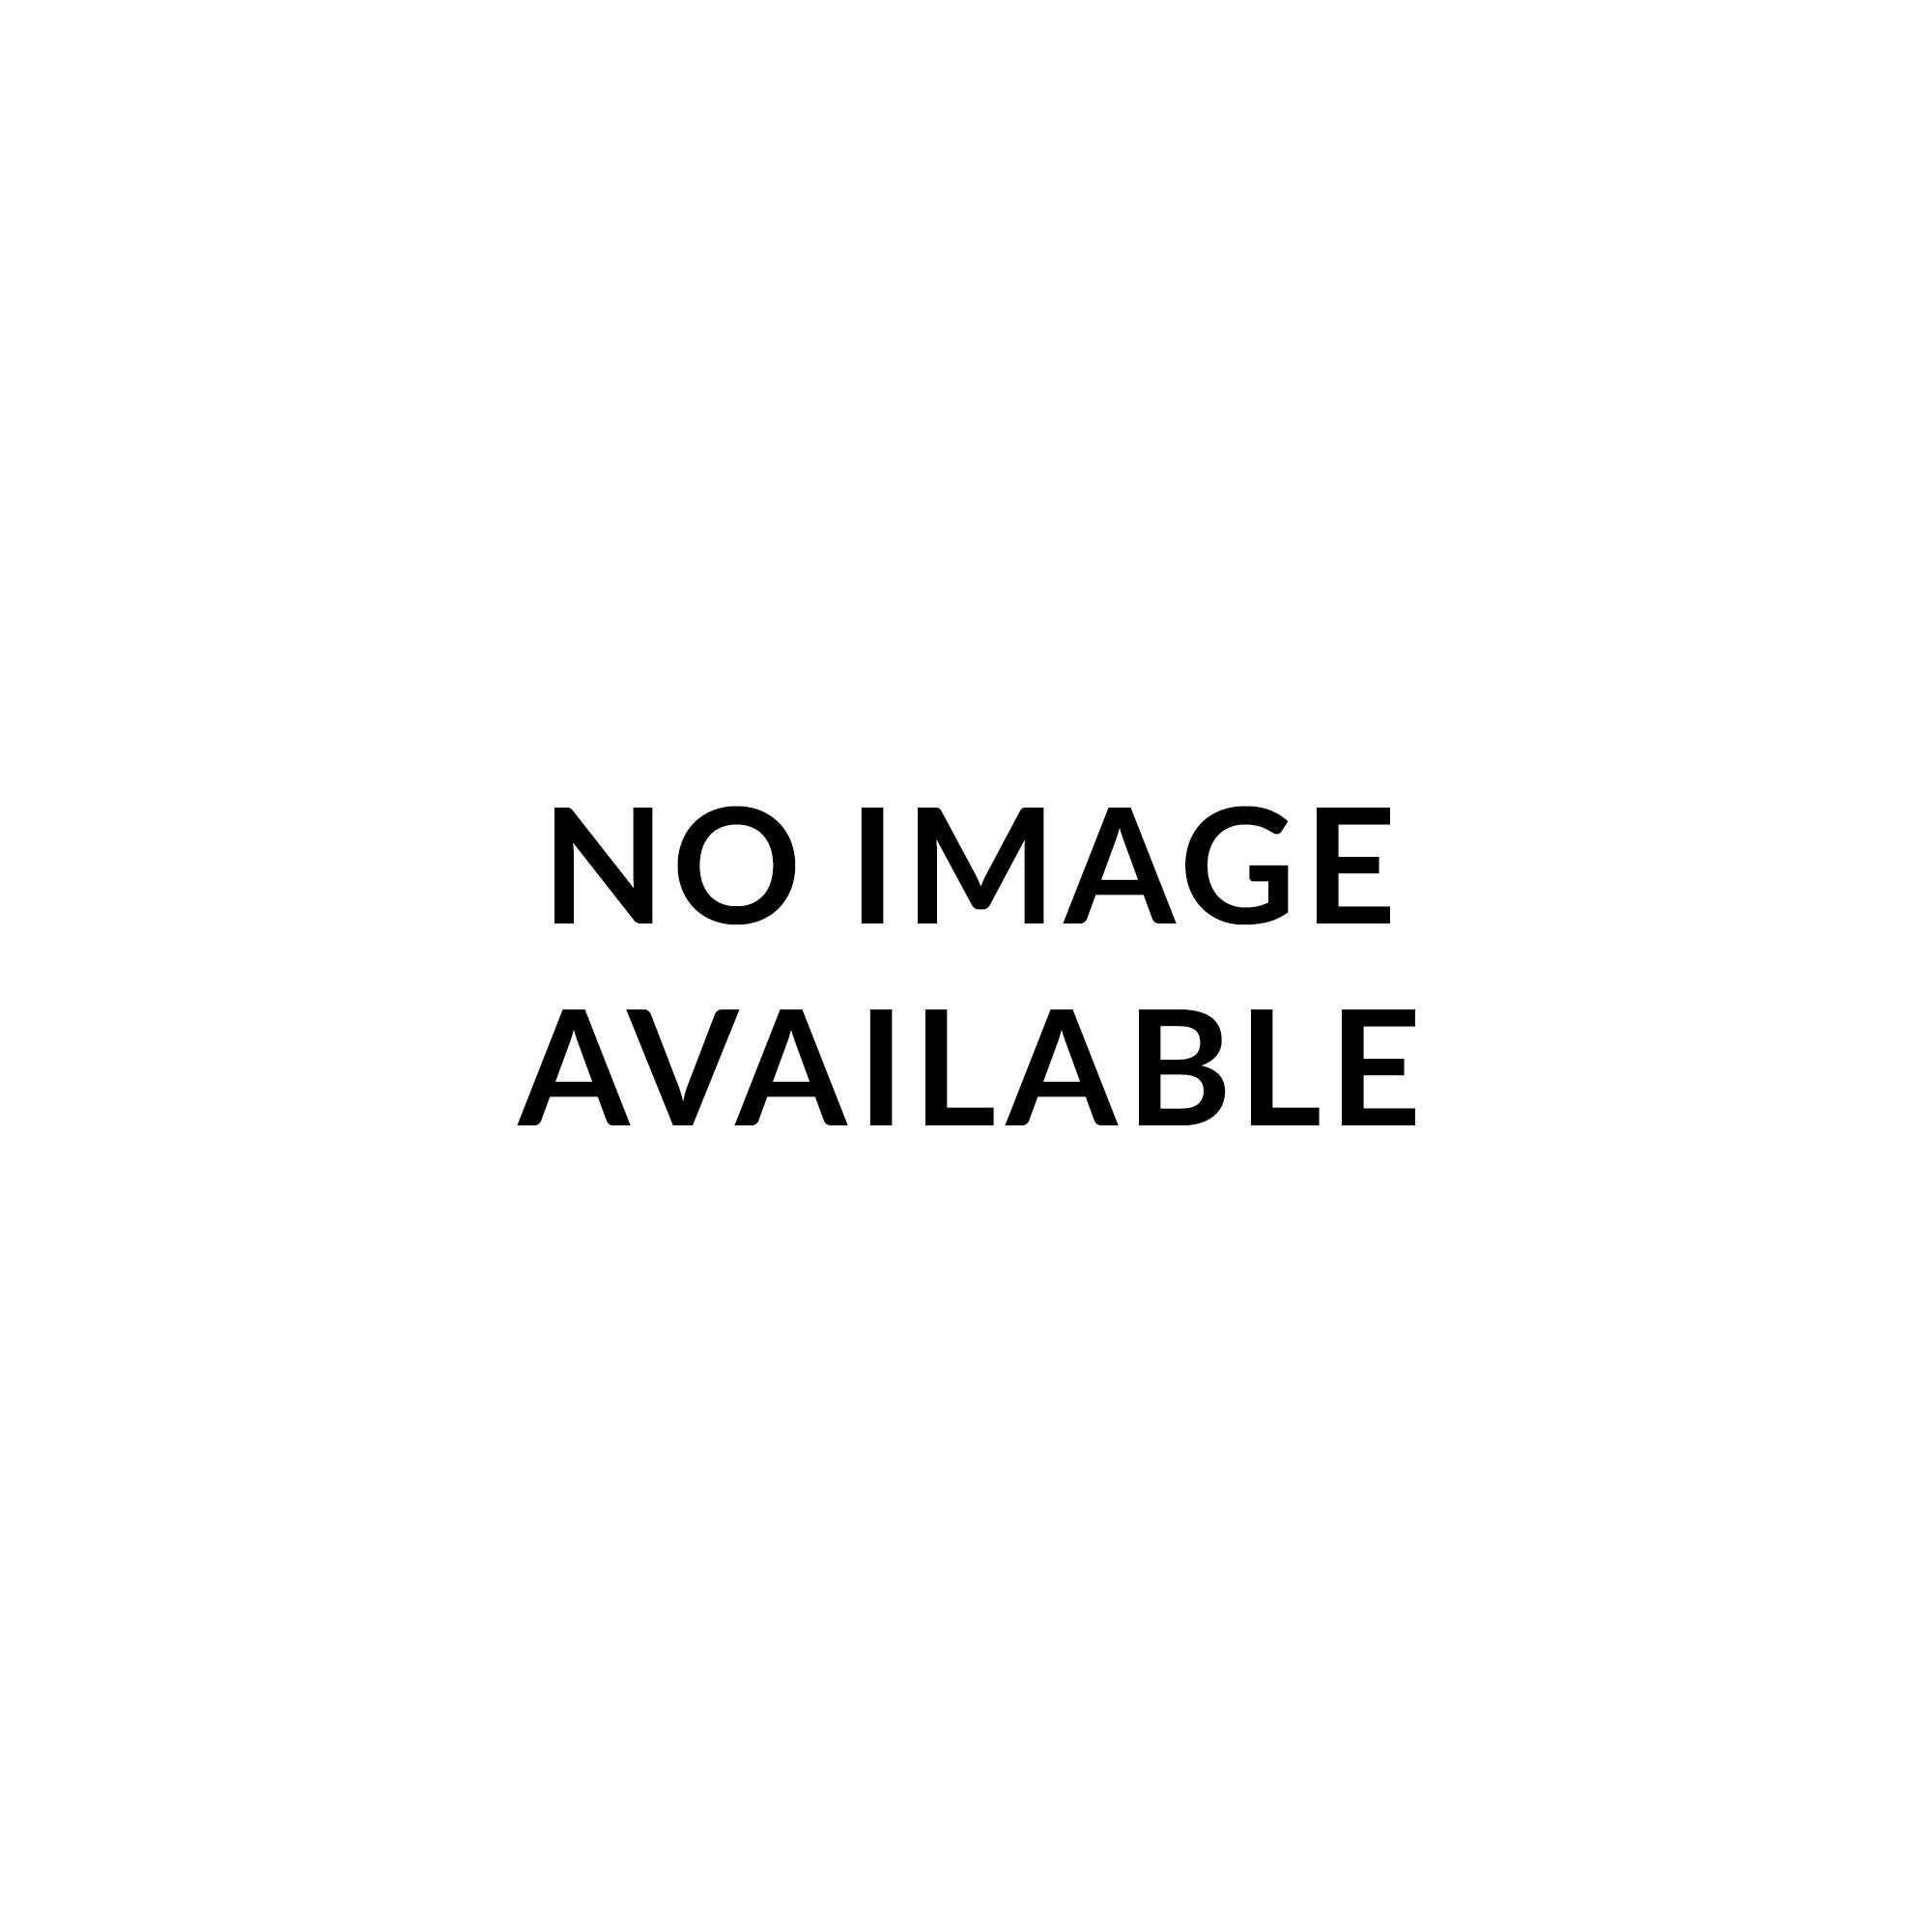 Korg GA-1 Guitar/Bass Auto Tuner